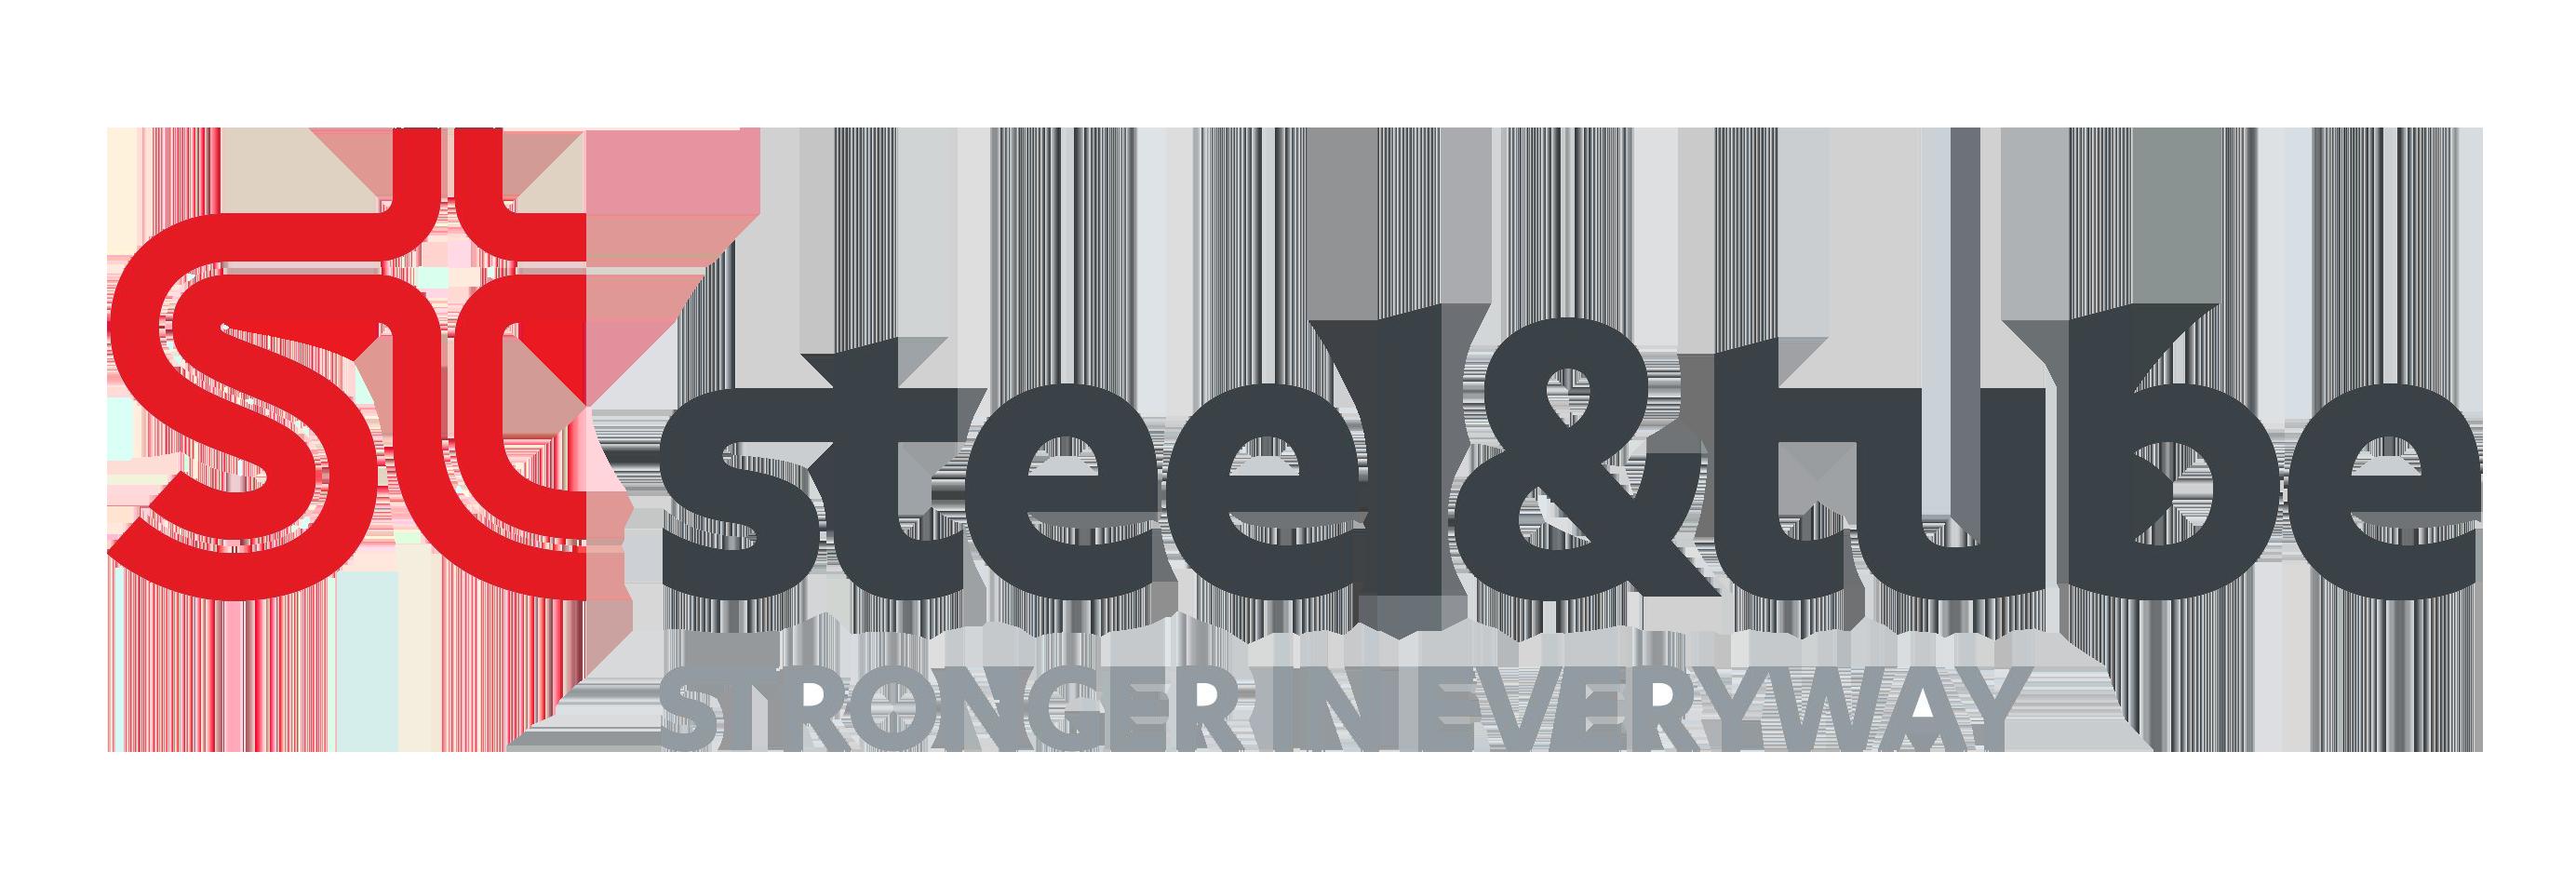 steel-tube_57382-1